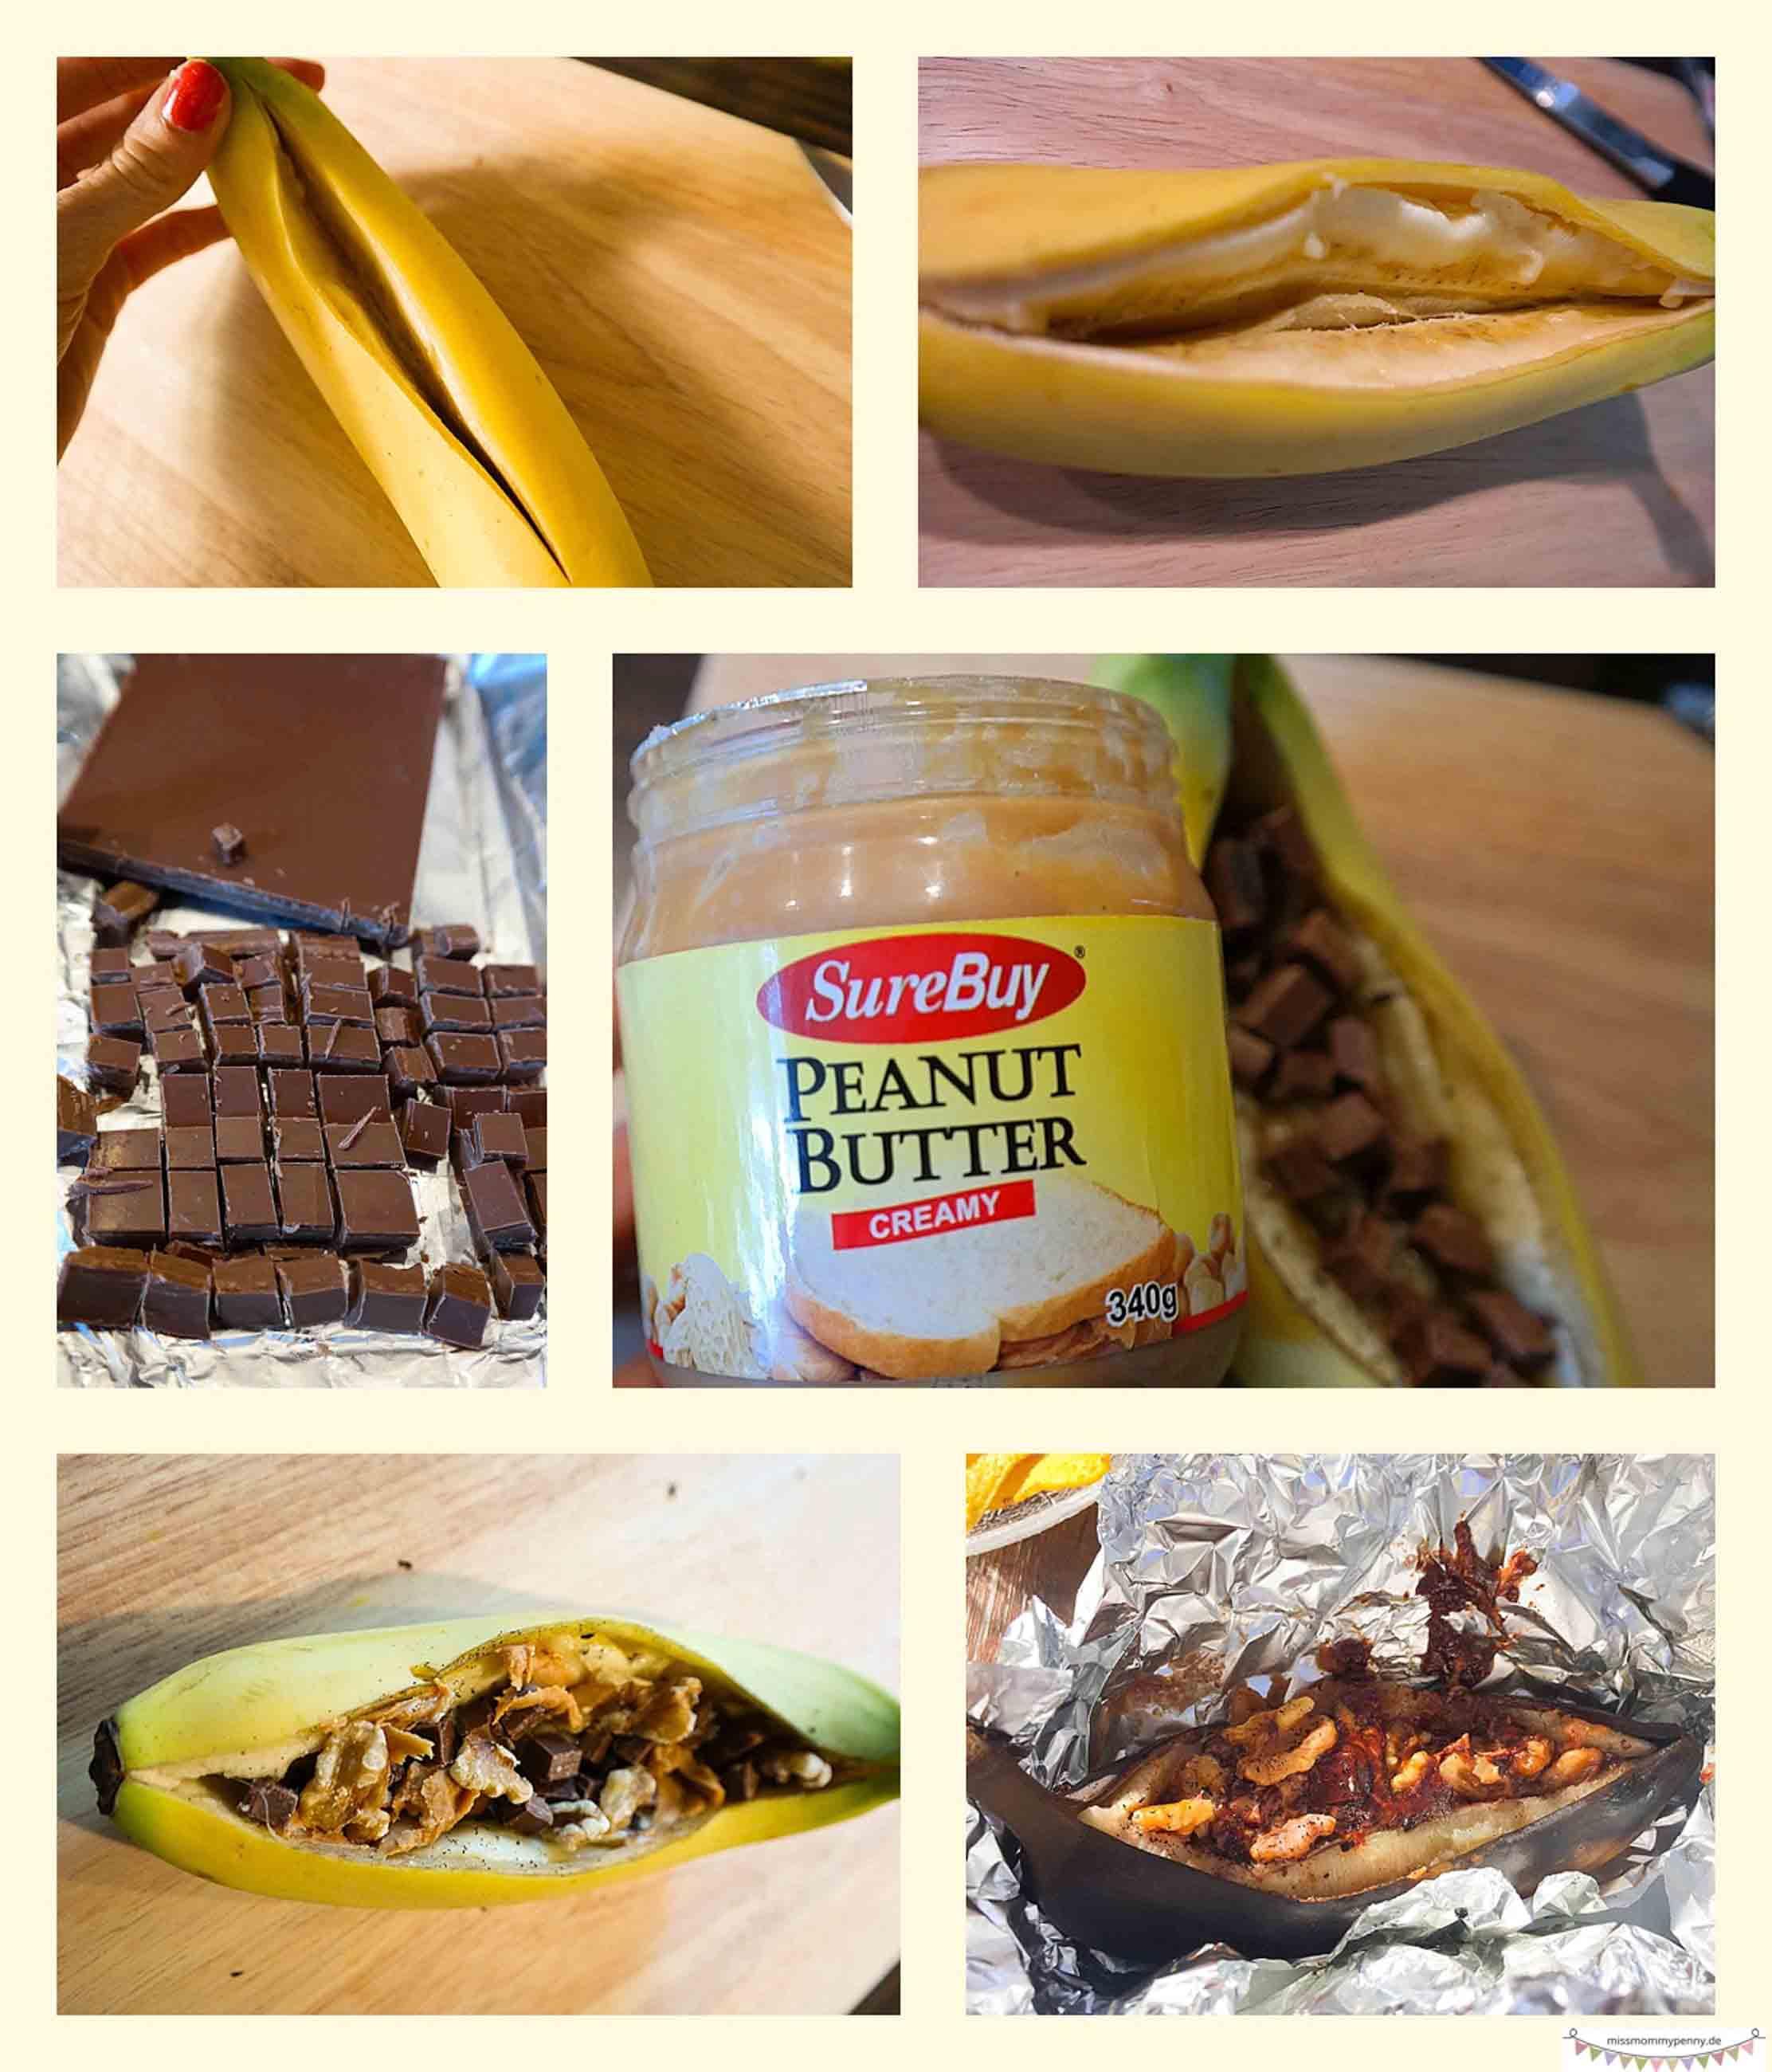 gegrillte gefüllte Bananen